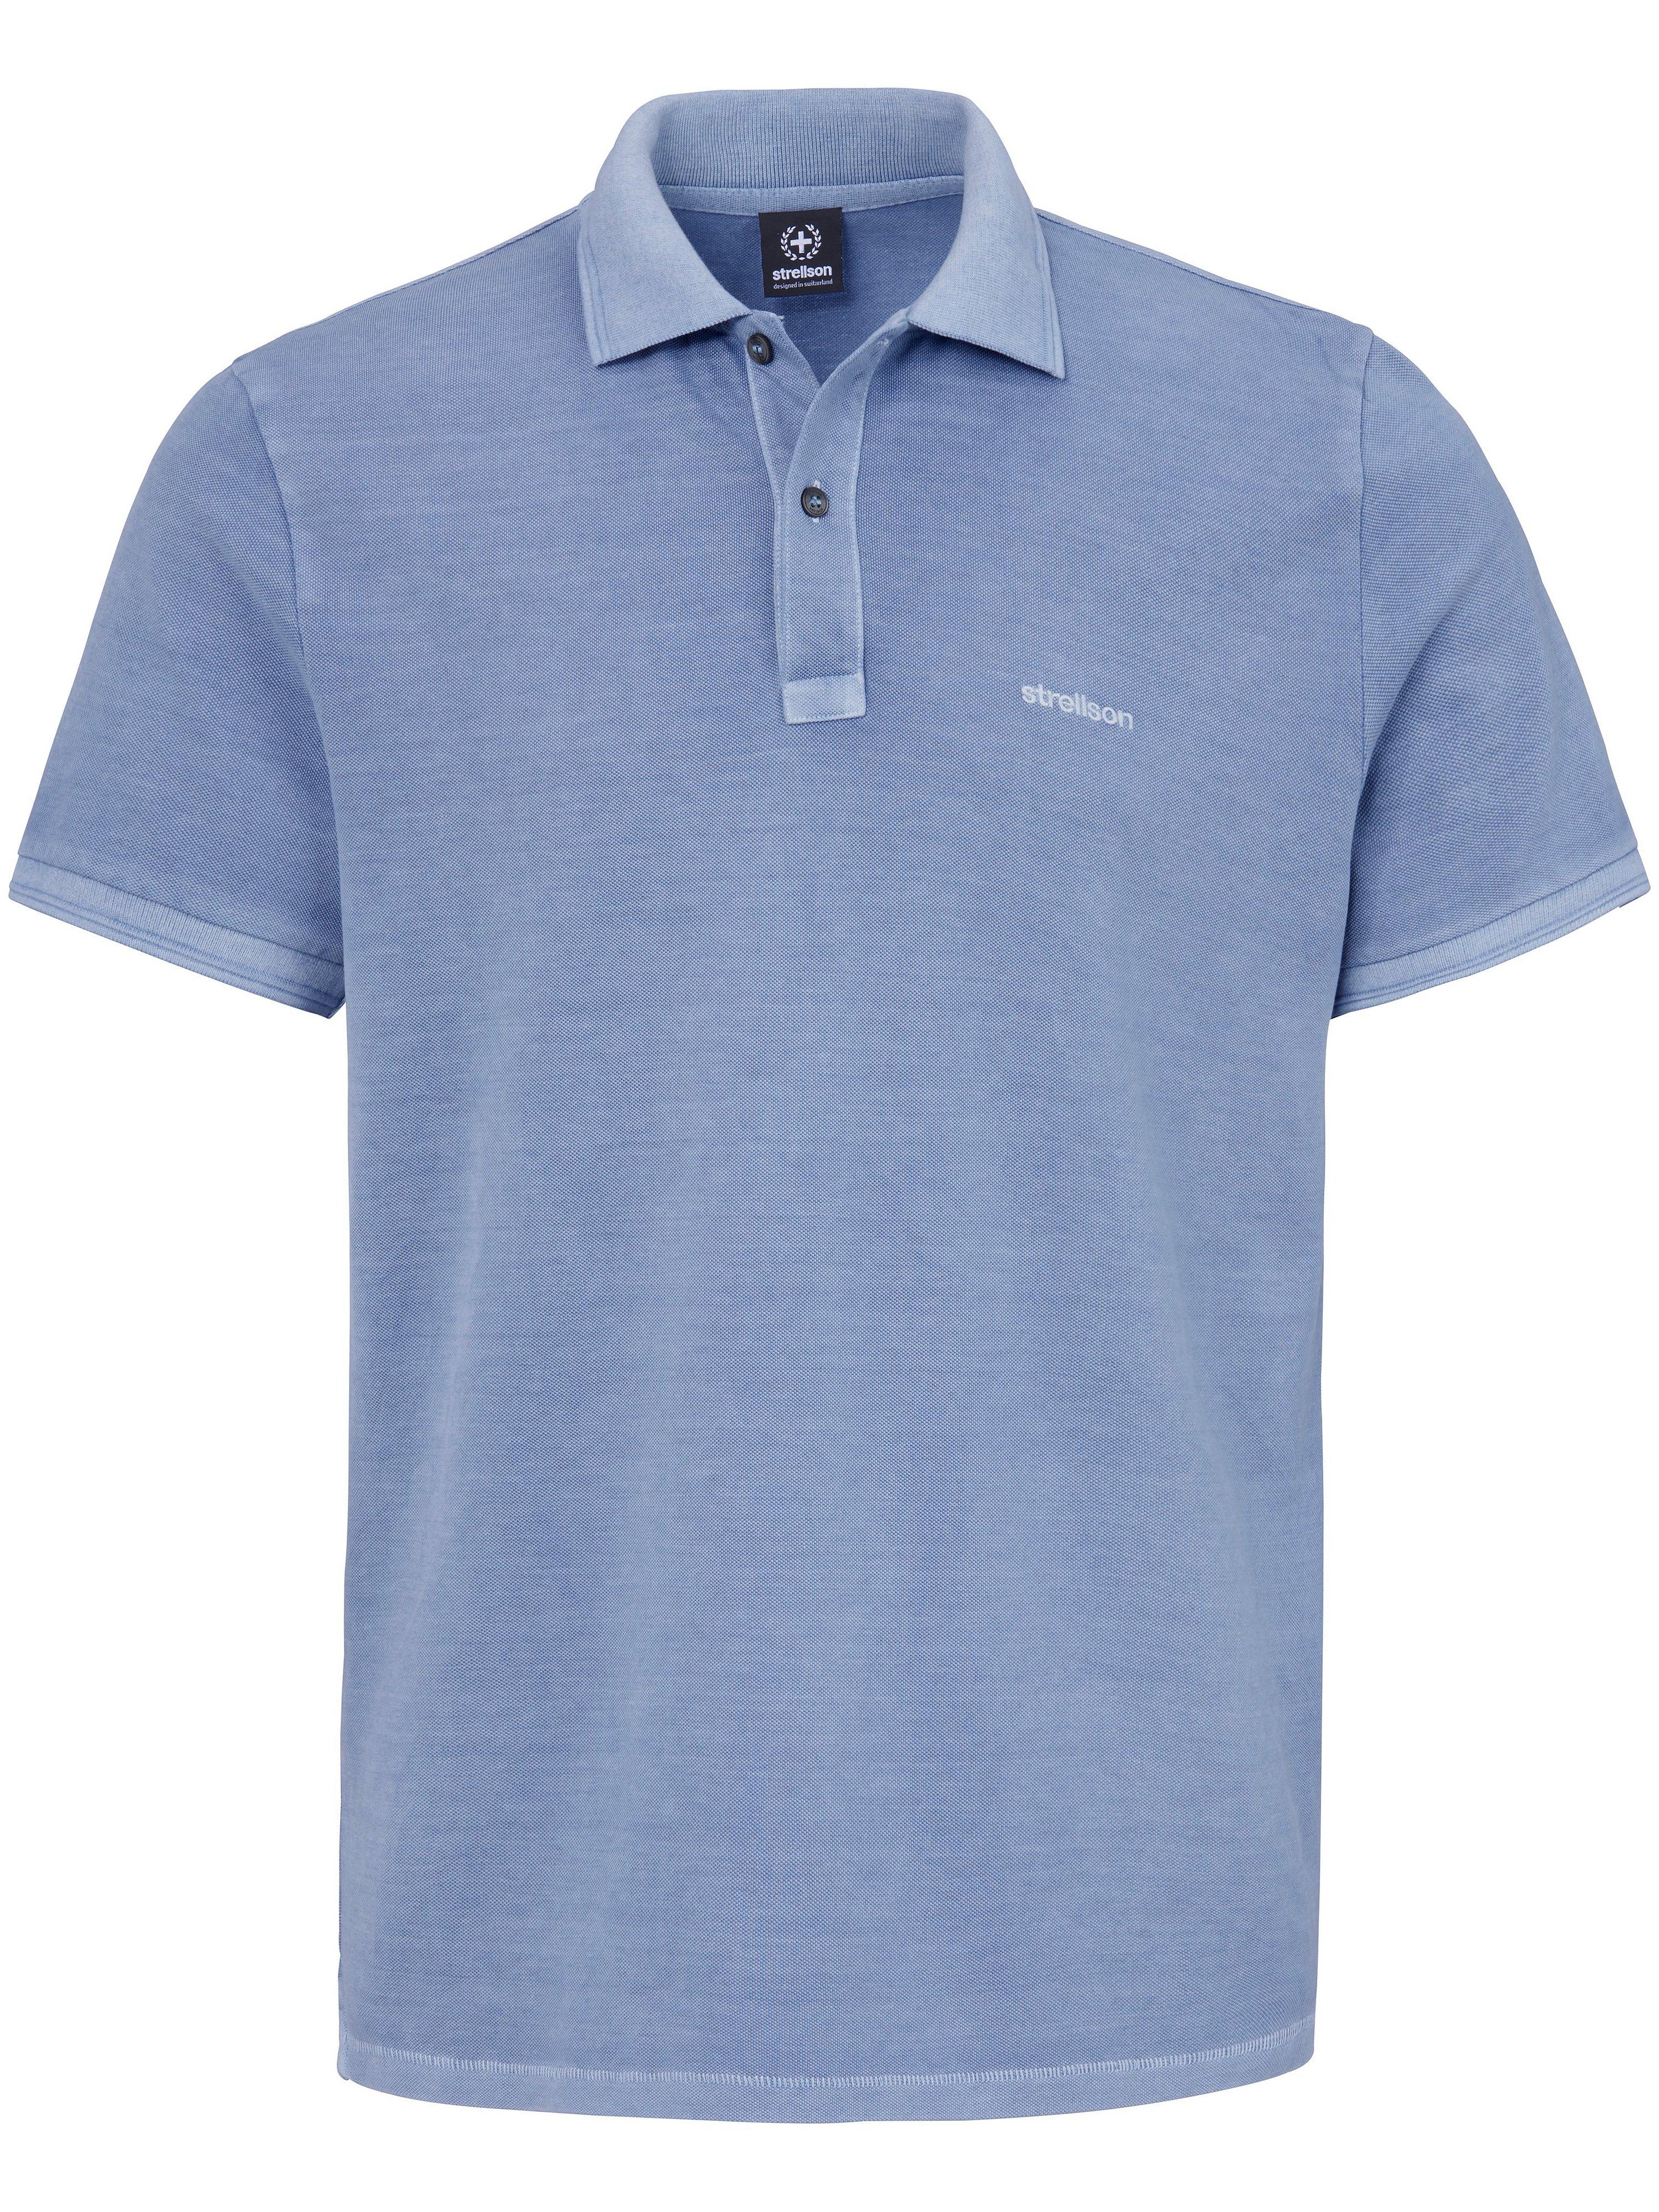 strellson - Polo-Shirt  blau